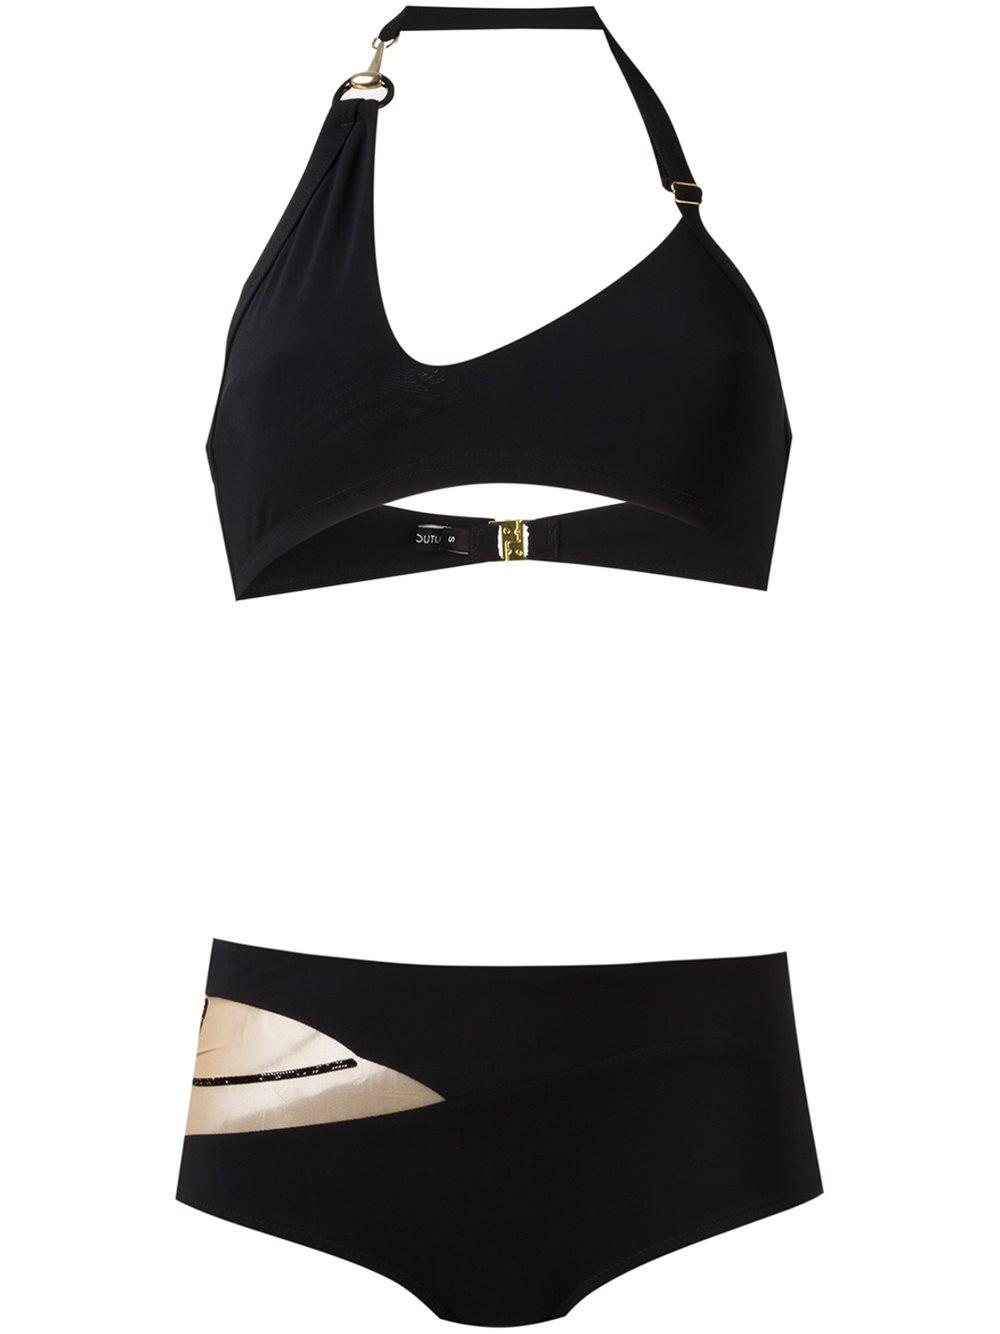 Черный купальник 'Nikita' от Tatu Couture, 21 261 руб.